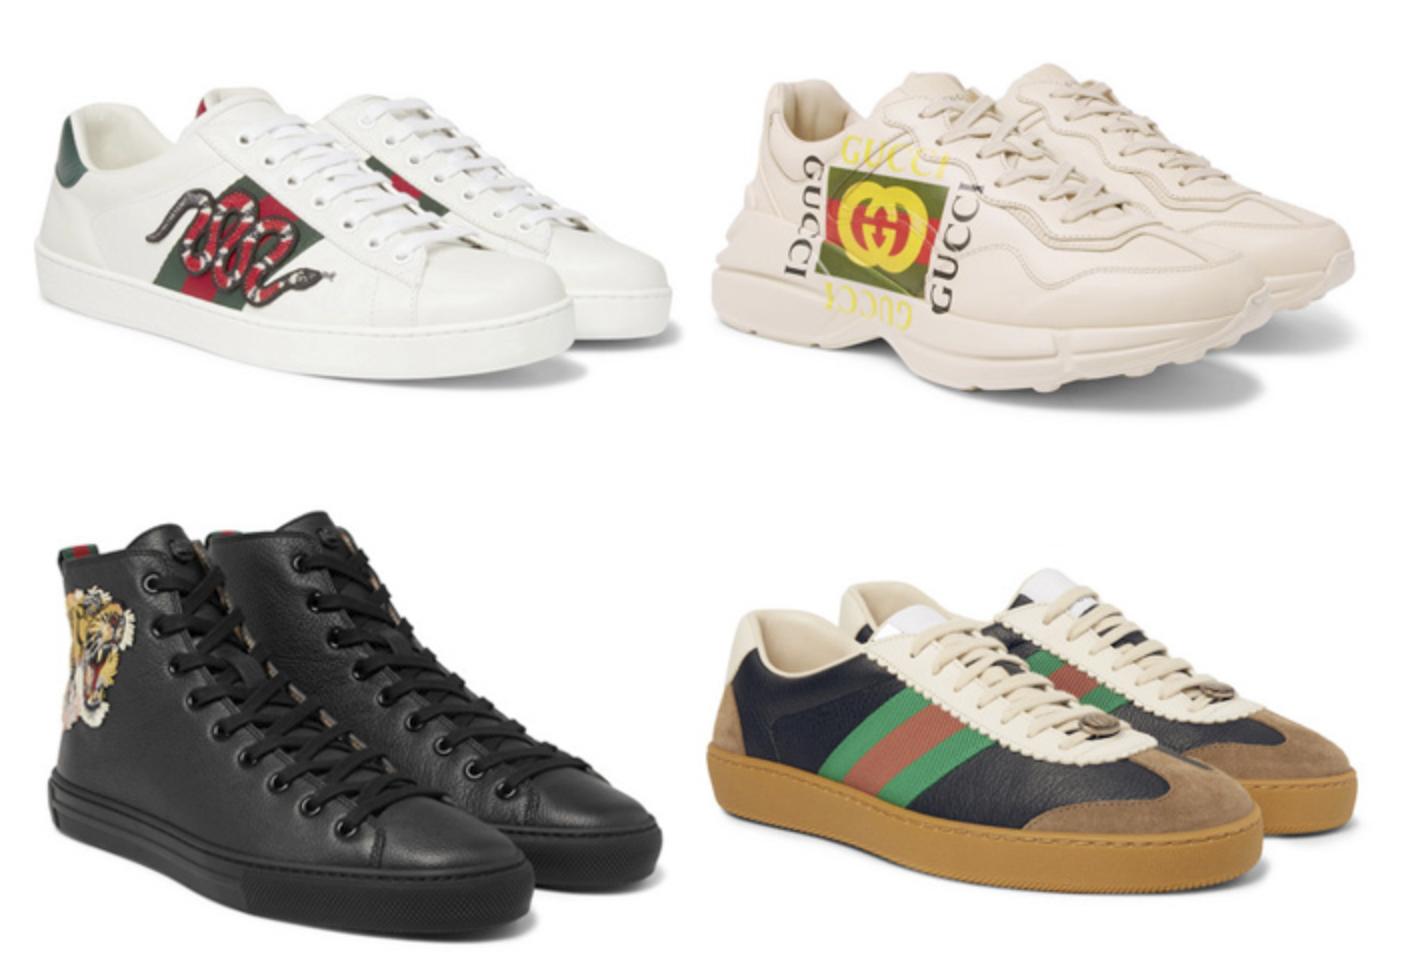 Sepatu Luxury Sneakers Gucci Terbaik luxury sneakers - 14 Luxury Sneakers Terbaik dari Desainer Dunia